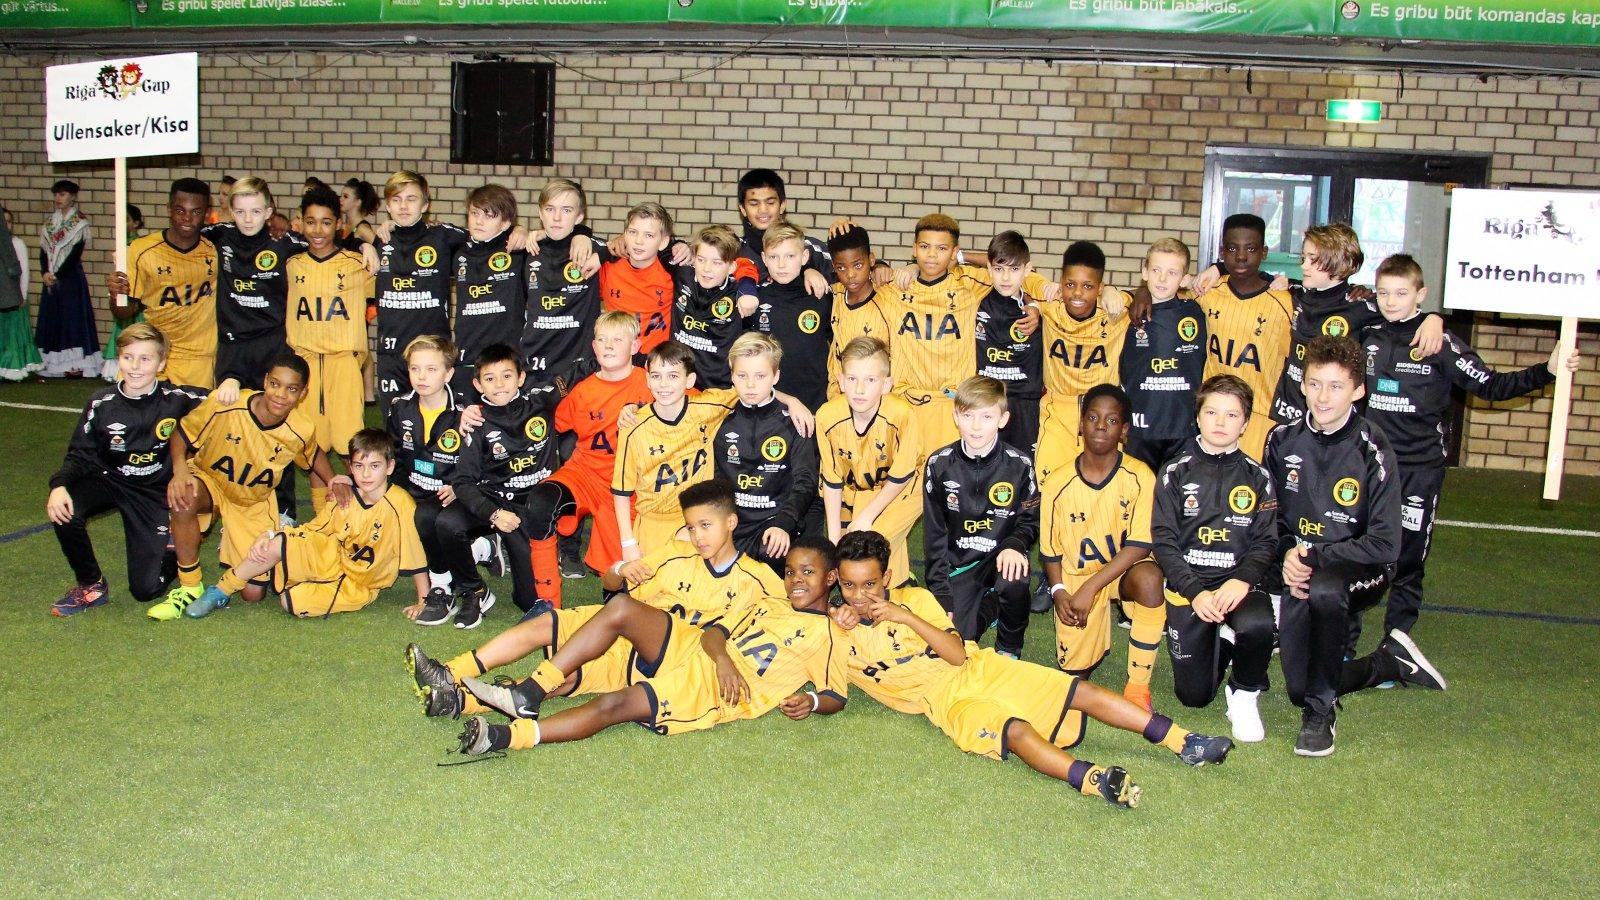 Ull/Kisas U13-lag ble nummer fire i Riga Winter Cup. Her sammen med Tottenham, som vant turneringen.